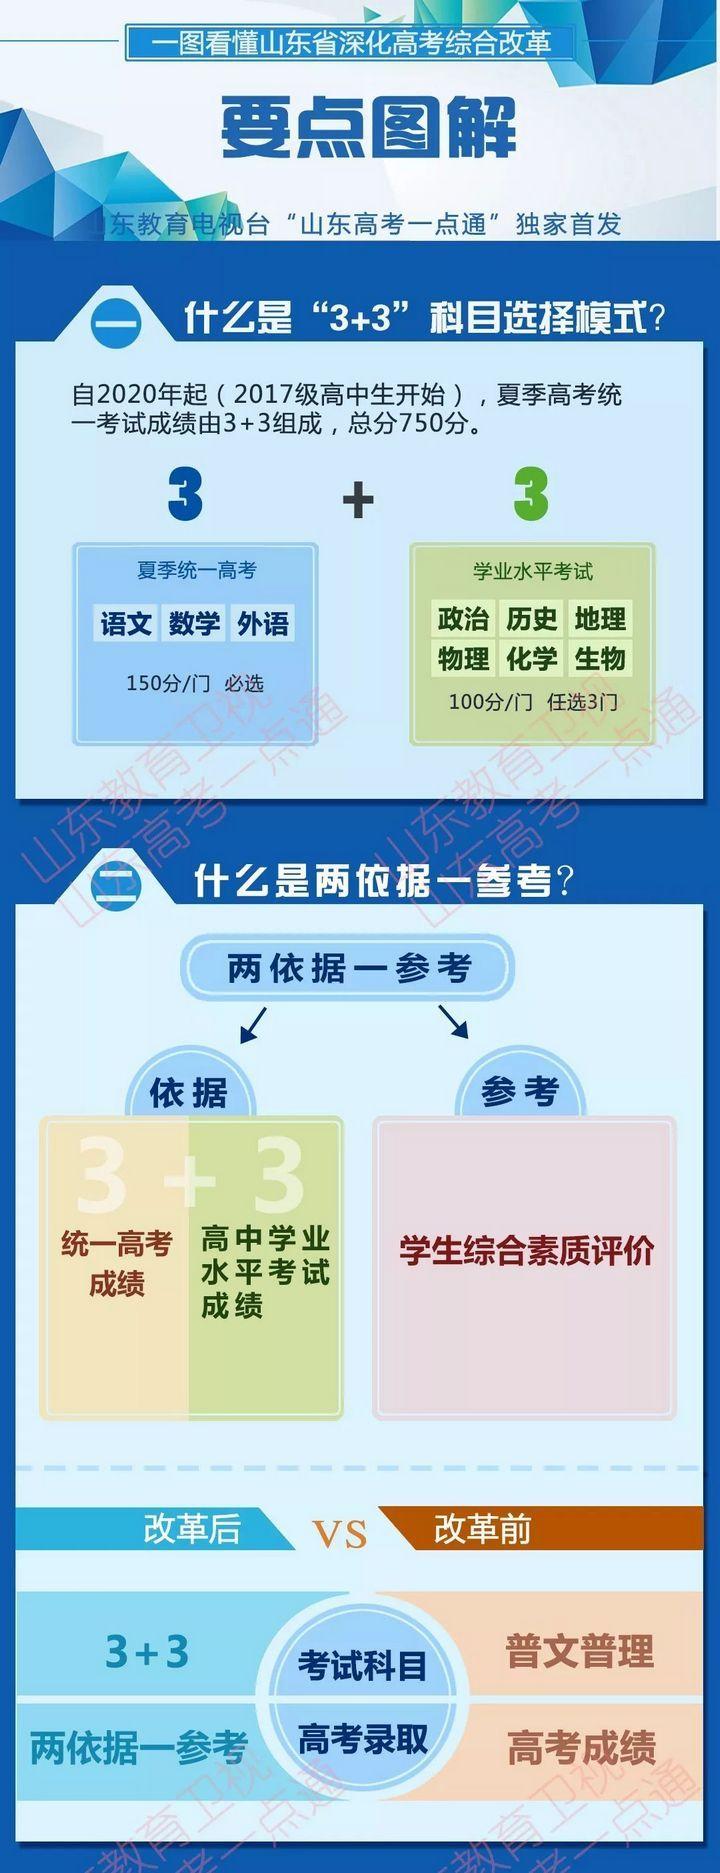 高考改革 3+3科目选择模式